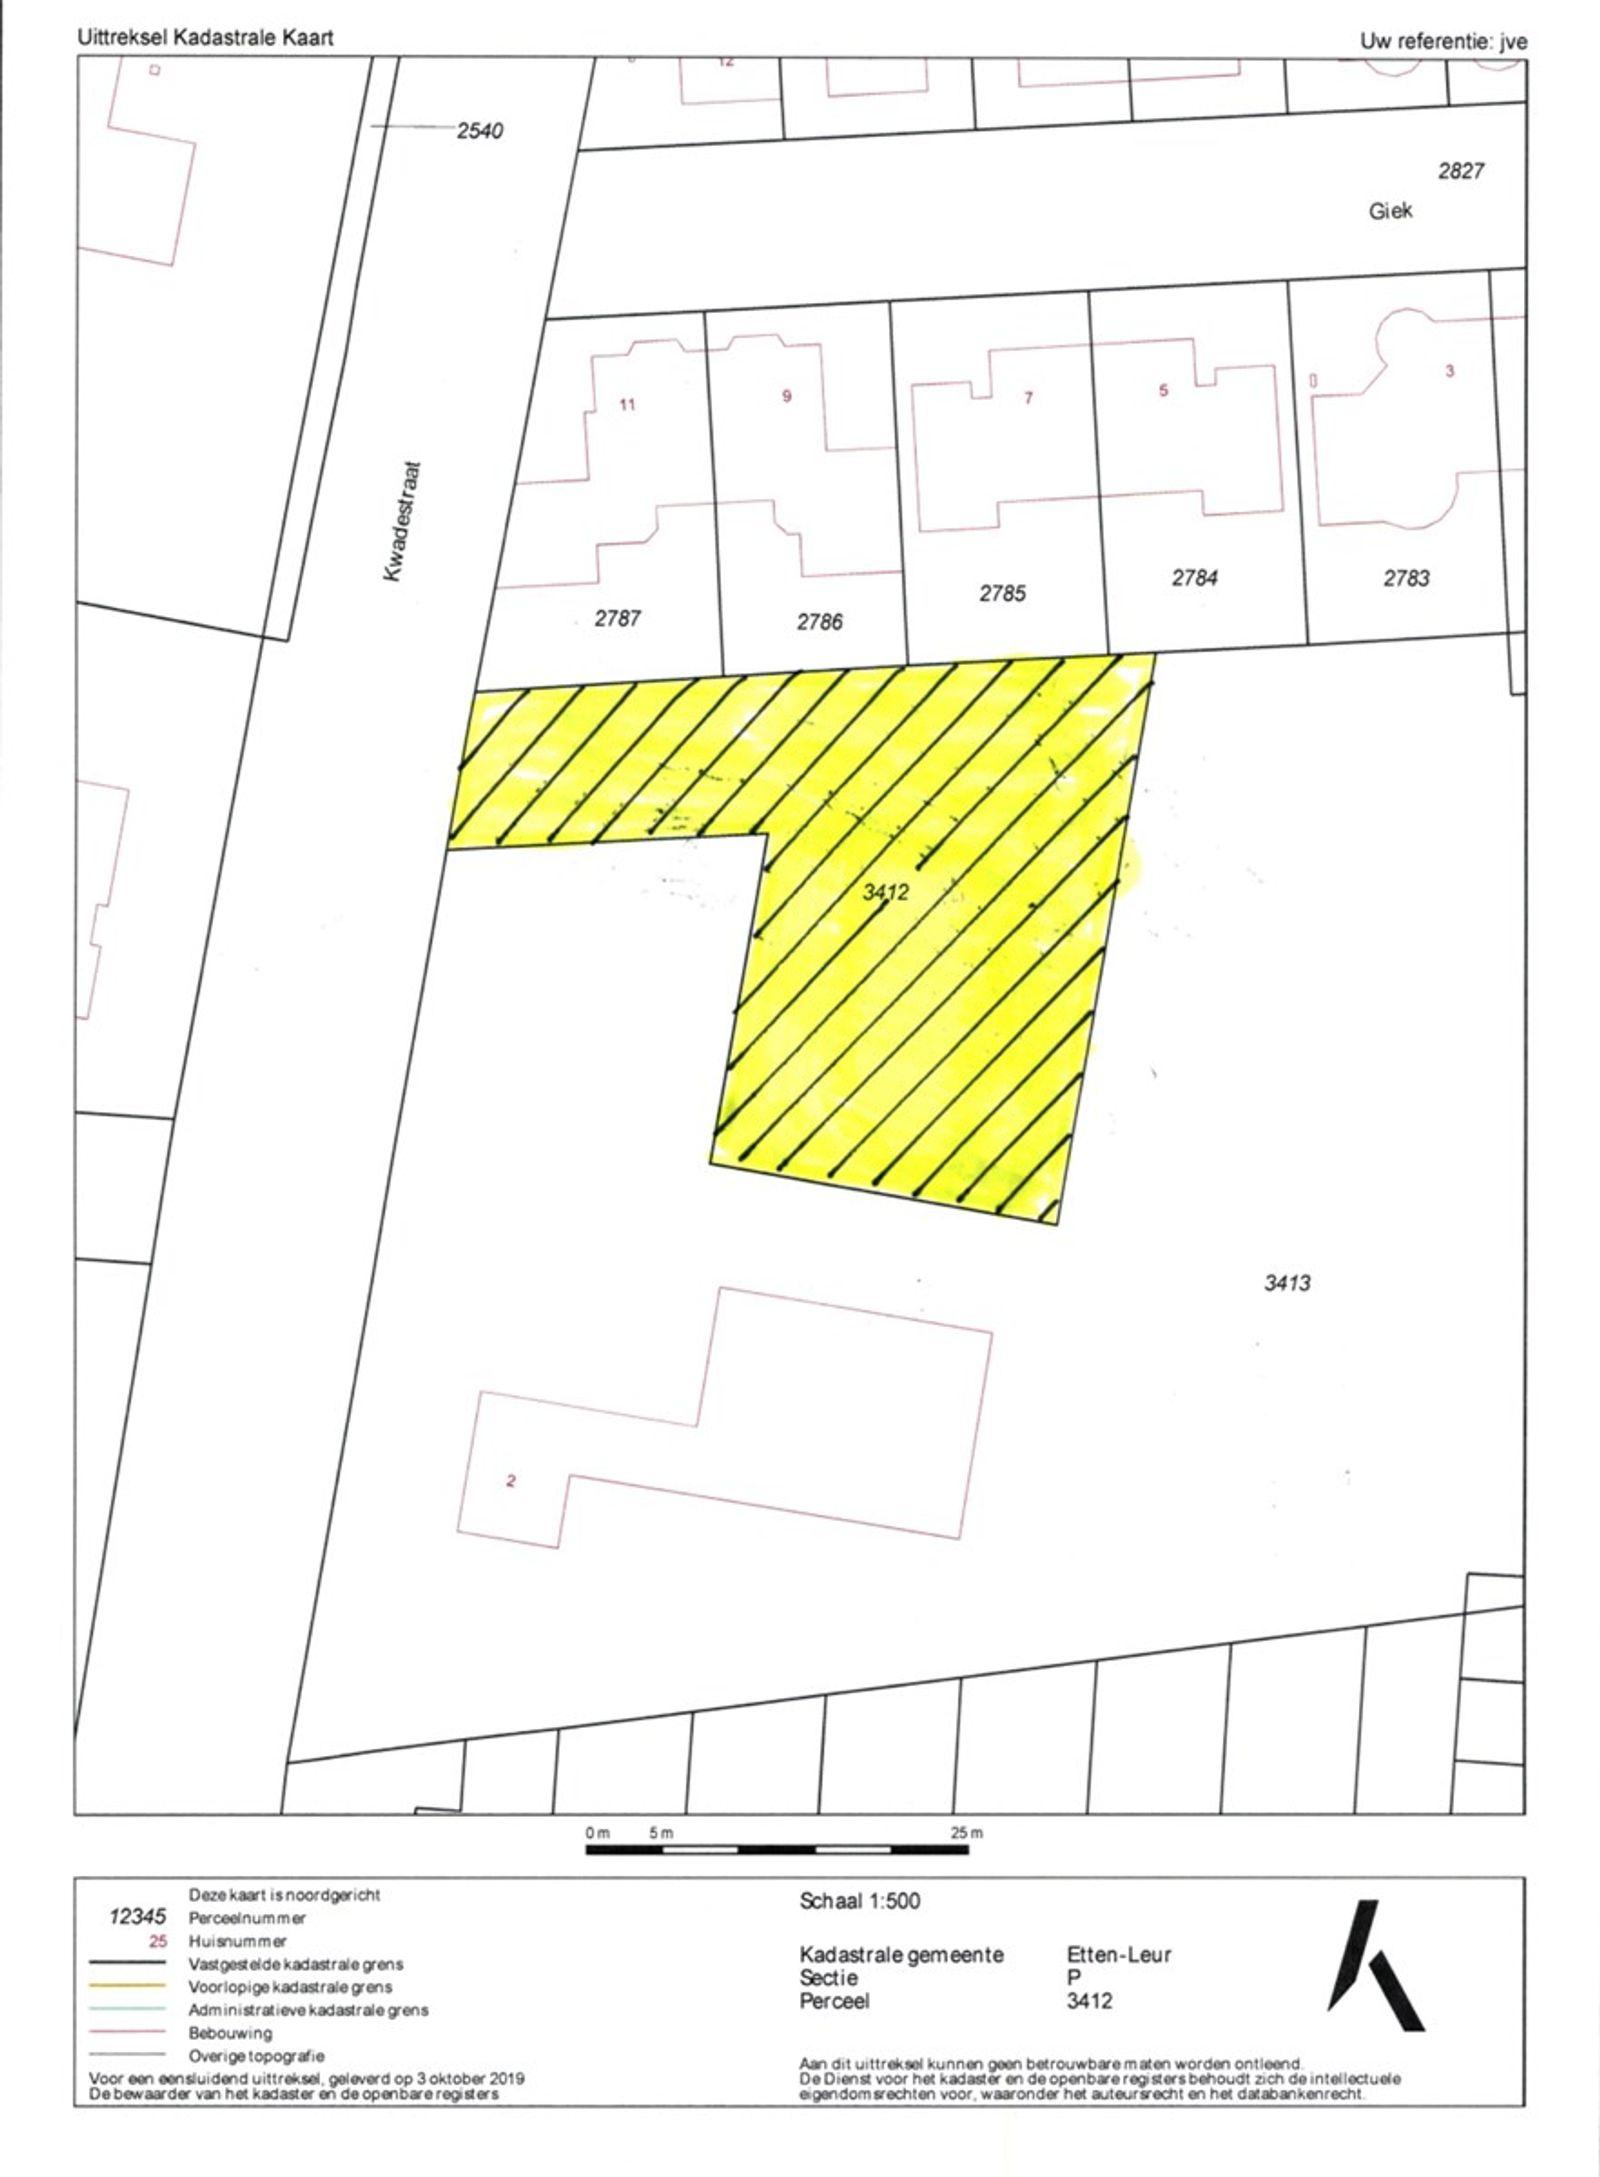 Fraai bouwkavel van 1.030 m² rustig gelegen op een uitstekende locatie in wijk de Keen met alle dorpsvoorzieningen bij de hand. Tevens zijn op korte afstand diverse uitvalswegen (A58/A16) te bereiken.   Om uw droom waar te maken dient er eerst een omgevingsvergunning te worden aangevraagd bij de gemeente Etten-Leur. De kosten voor deze aanvraag, ook wel leges genoemd, komen voor rekening van koper. Zo ook de kosten voor het aansluiten van de (nuts) voorzieningen.   Naast de goedkeuring van welstand zal de te bouwen woning aan bouwregels en voorwaarden moeten voldoen welke hier verder staan beschreven in de brochure.  Bouwregels Voor de bouw van een nieuwe vrijstaande woning op dit perceel gelden onder andere de volgende bouwregels-   Woonhuis De goothoogte mag niet meer bedragen dan 5 m;  De bouwhoogte mag niet meer bedragen dan 9 m;   Bijgebouwen Bij iedere woning mogen aan- en uitbouwen en bijgebouwen worden gebouwd, waarbij de volgende regels gelden-  aan- en uitbouwen en bijgebouwen mogen zowel binnen als buiten het bouwvlak worden gebouwd; op de gronden buiten het bouwvlak mogen per bouwperceel aan- en uitbouwen en bijgebouwen worden  gebouwd met een gezamenlijke oppervlakte van maximaal 50,00 m², met dien verstande dat per bouwperceel niet meer dan 50% van de oppervlakte van de gronden buiten het bouwvlak bebouwd mag worden;  de goothoogte van aan- en uitbouwen en aangebouwde bijgebouwen binnen het bouwvlak is maximaal 0,30 meter boven de bouwhoogte van de eerste bouwlaag van het hoofdgebouw.   De totale bouwhoogte van aan- en uitbouwen en aangebouwde bijgebouwen binnen het bouwvlak is maximaal 0,30 meter boven de bouwhoogte van de tweede bouwlaag van het hoofdgebouw. de goothoogte en bouwhoogte van aan- en uitbouwen en aangebouwde bijgebouwen buiten het bouwvlak is maximaal 0,30 meter boven de bouwhoogte van de eerste bouwlaag van het hoofdgebouw; de goothoogte en bouwhoogte van vrijstaande bijgebouwen bedragen maximaal 3,25 m respectievelijk 5,50 m;   Aan-hu